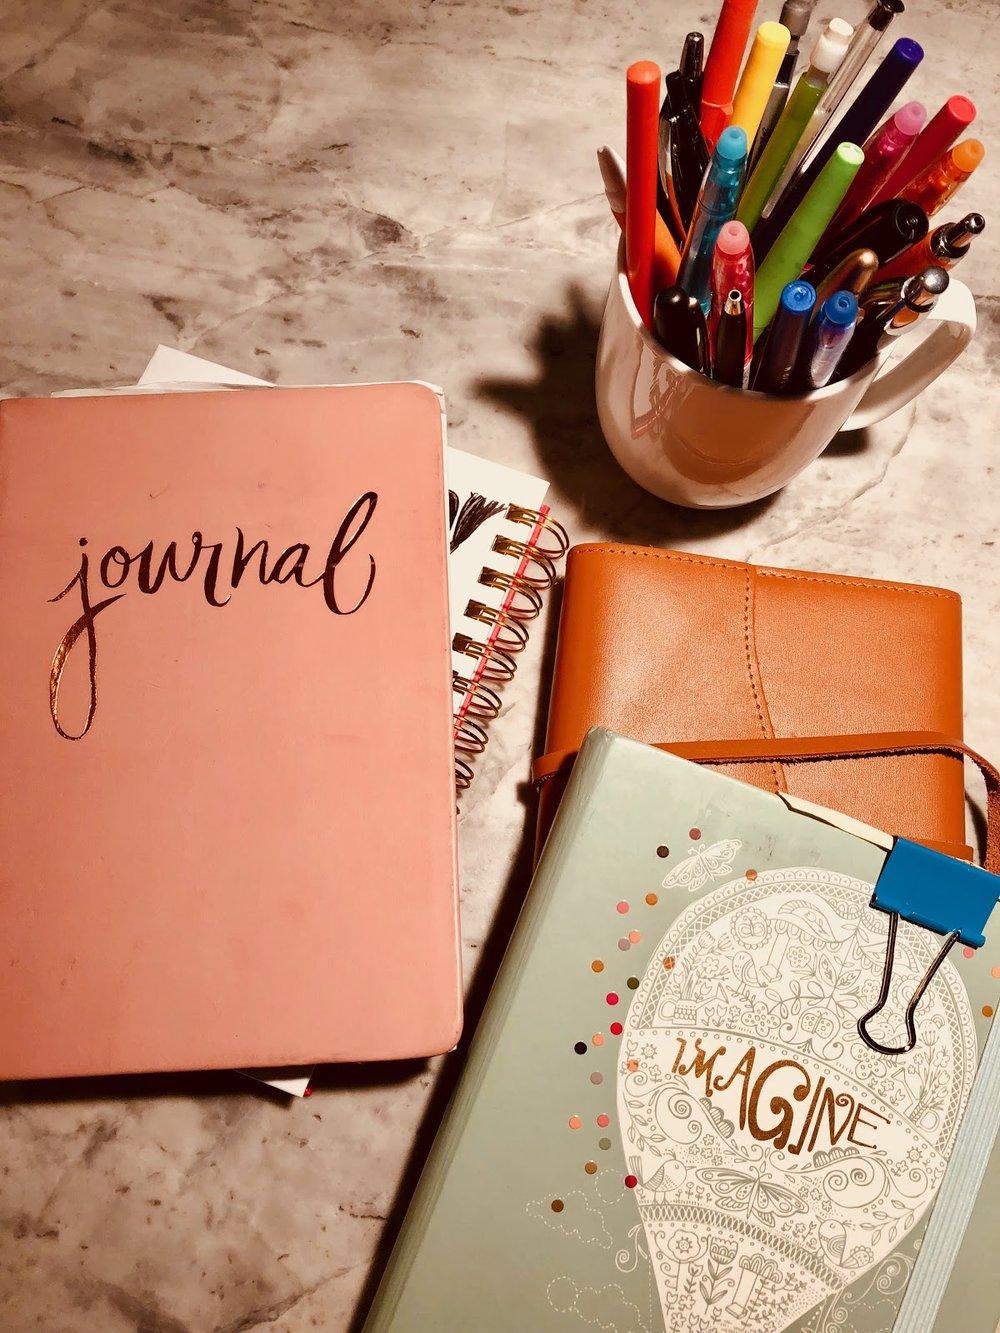 Journal 1.jpeg